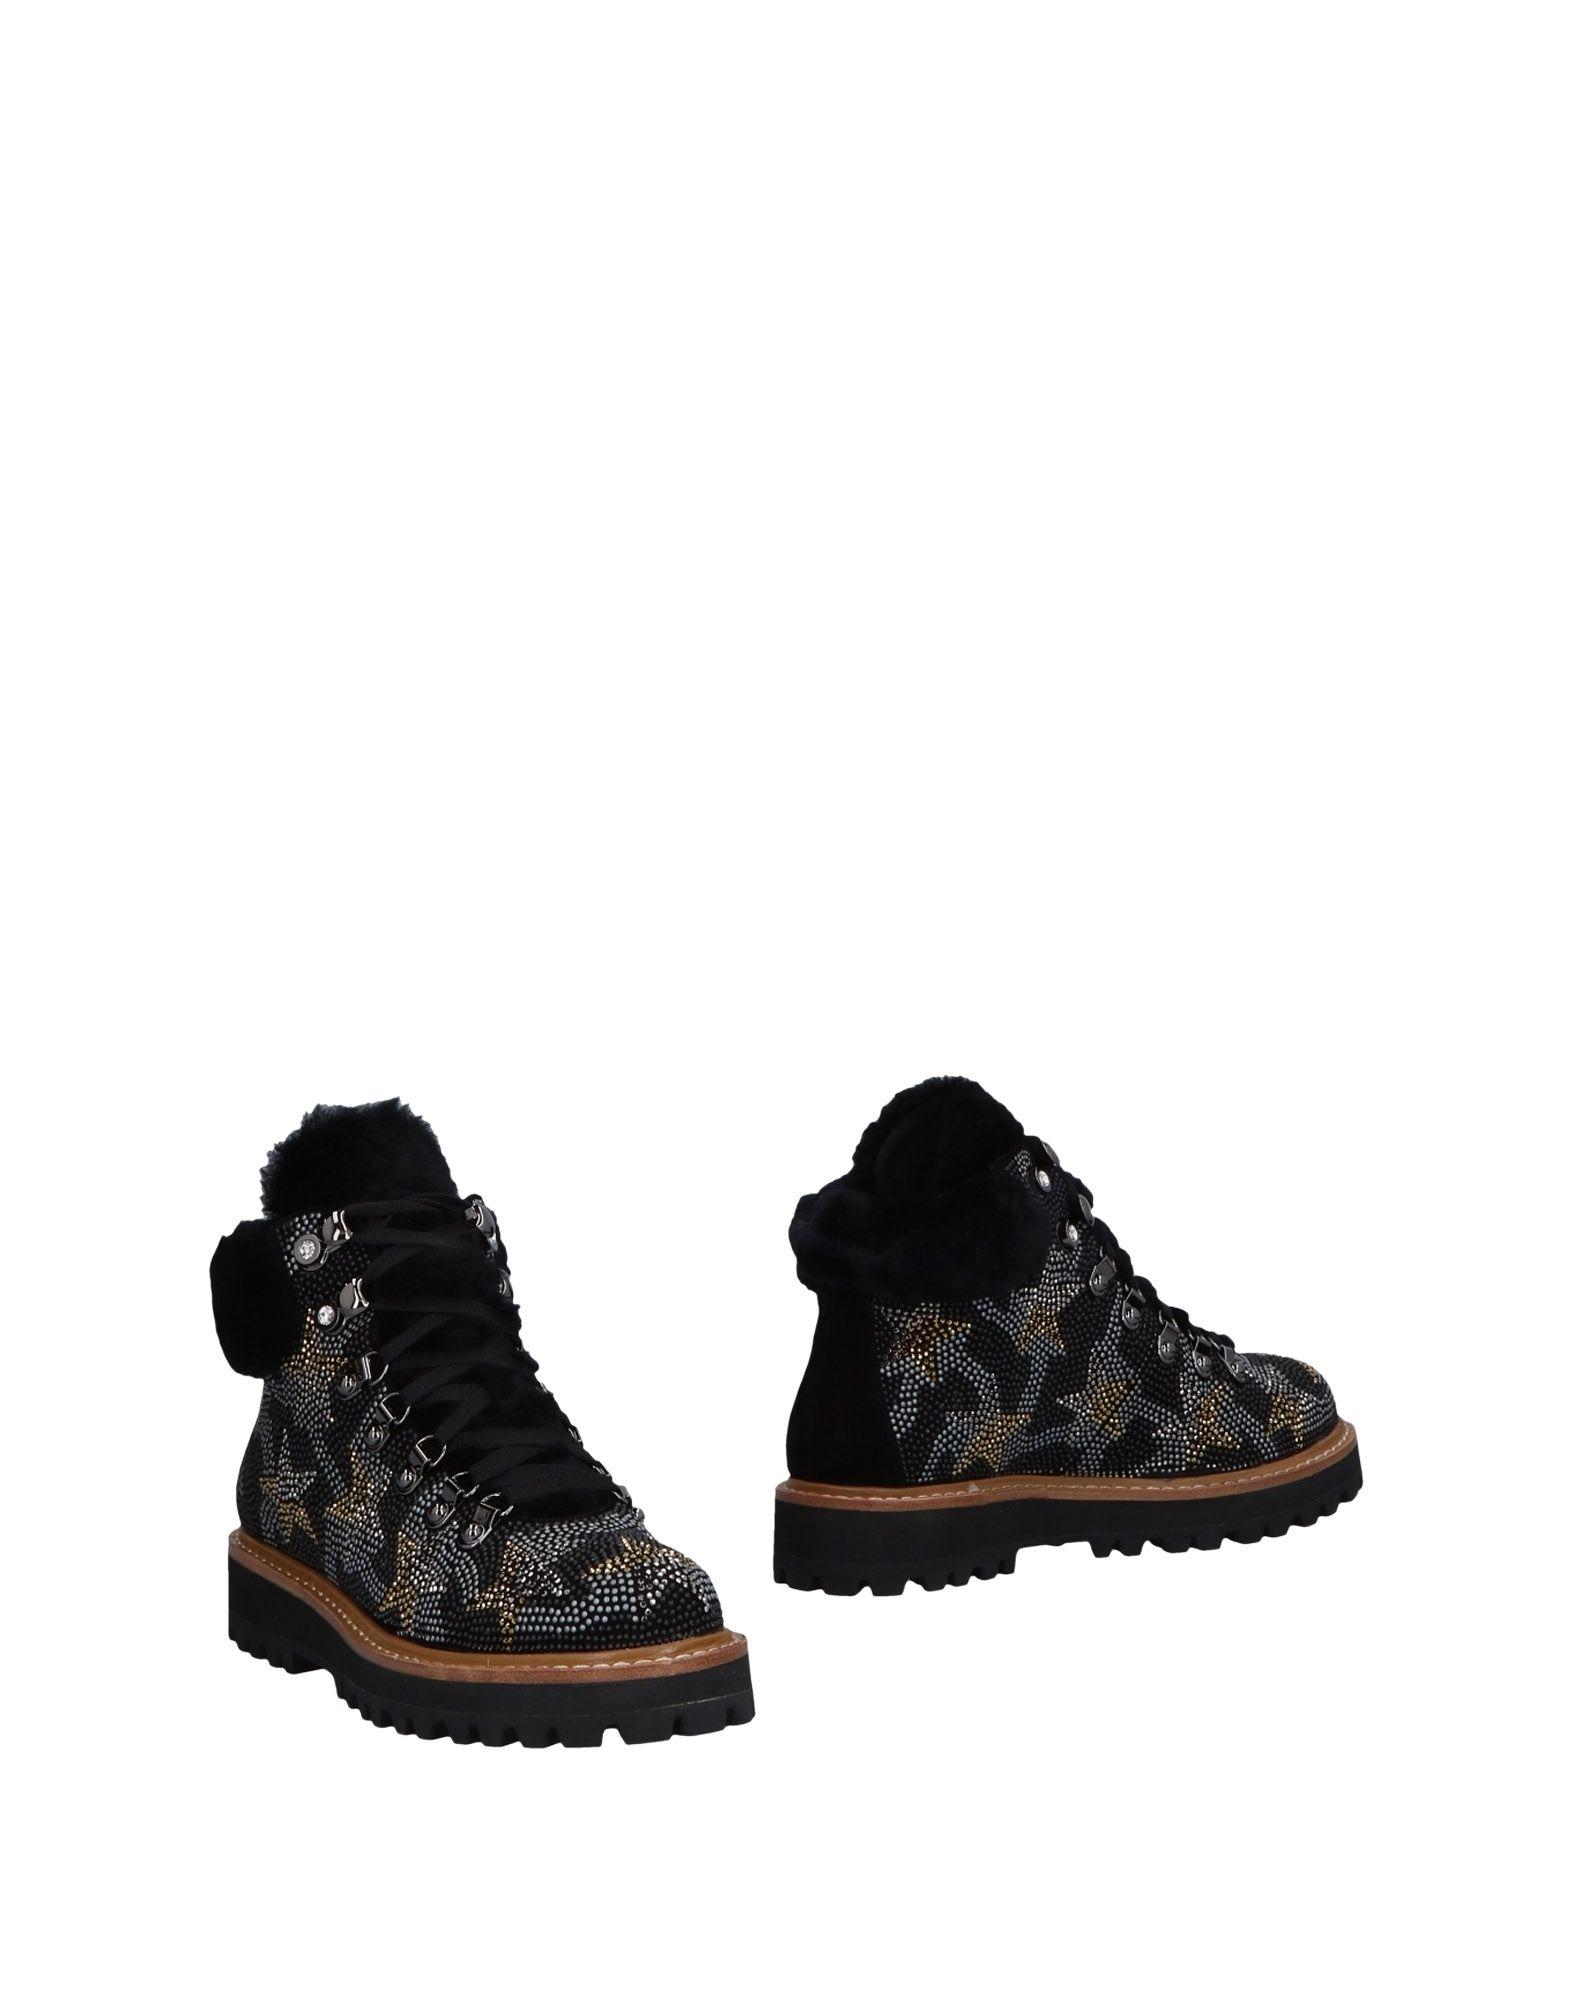 Bottine Lola Cruz Femme - Bottines Lola Cruz Noir Dernières chaussures discount pour hommes et femmes